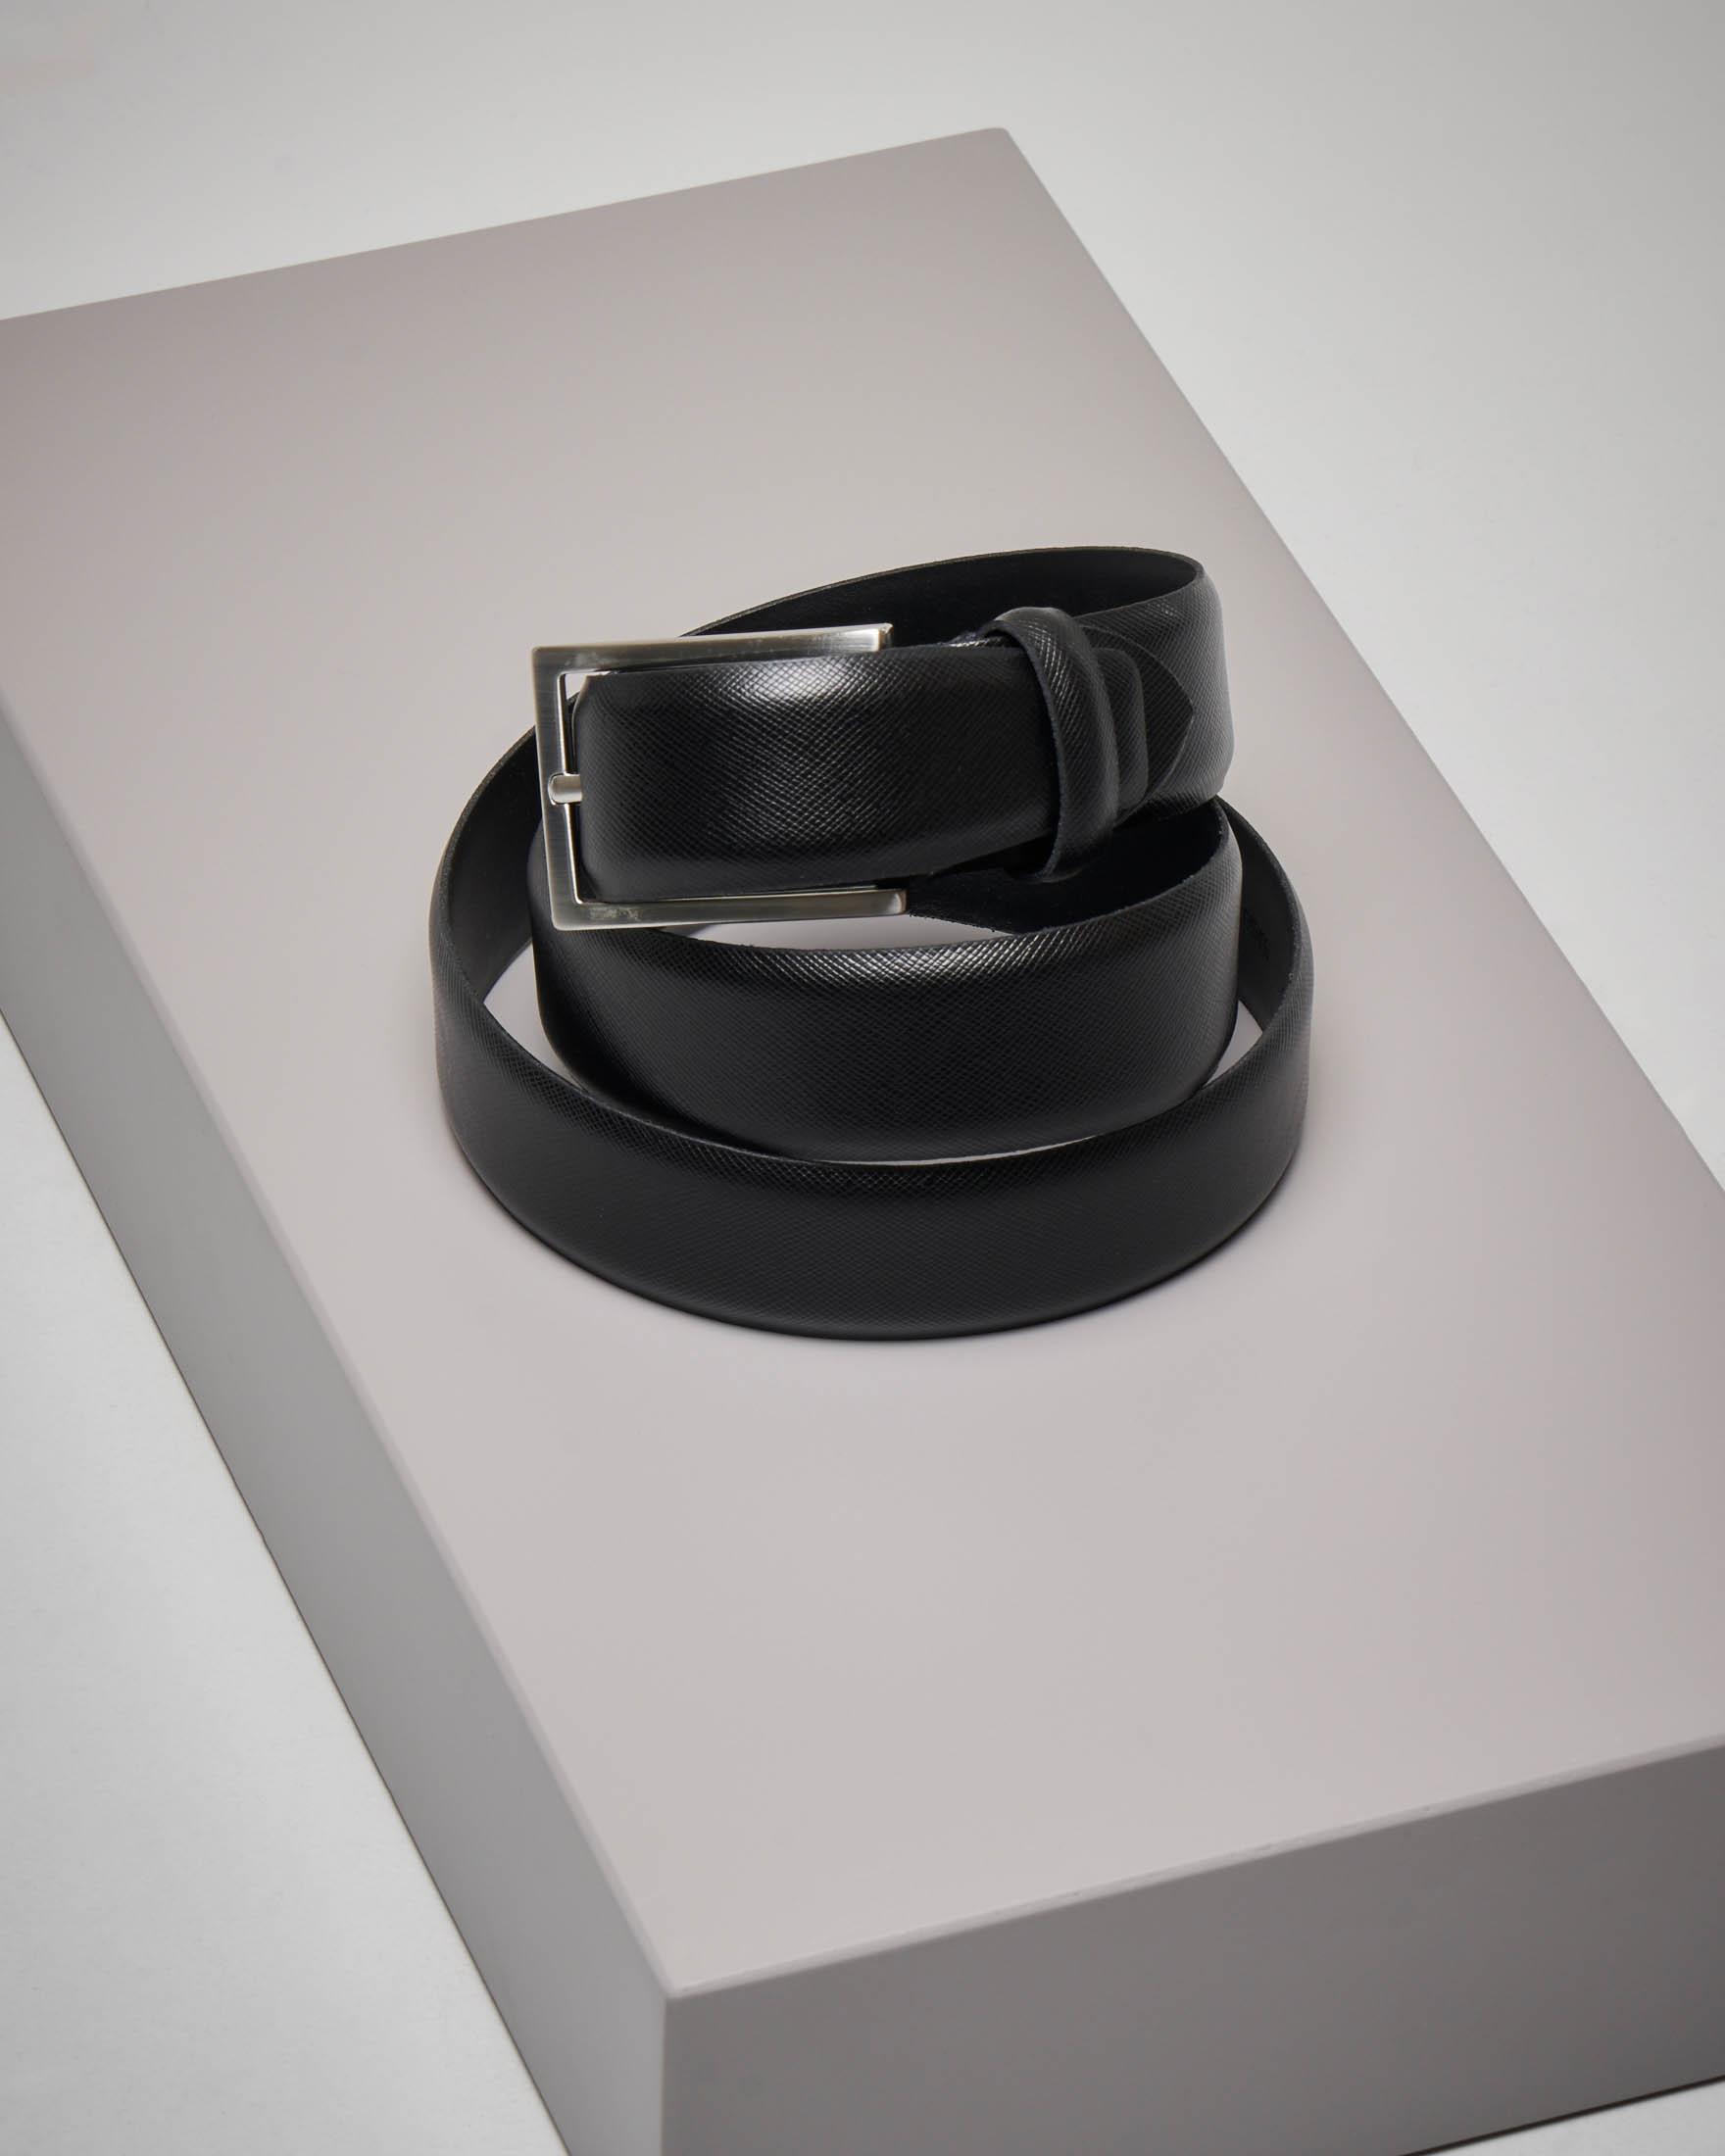 Cintura nera in pelle saffiano